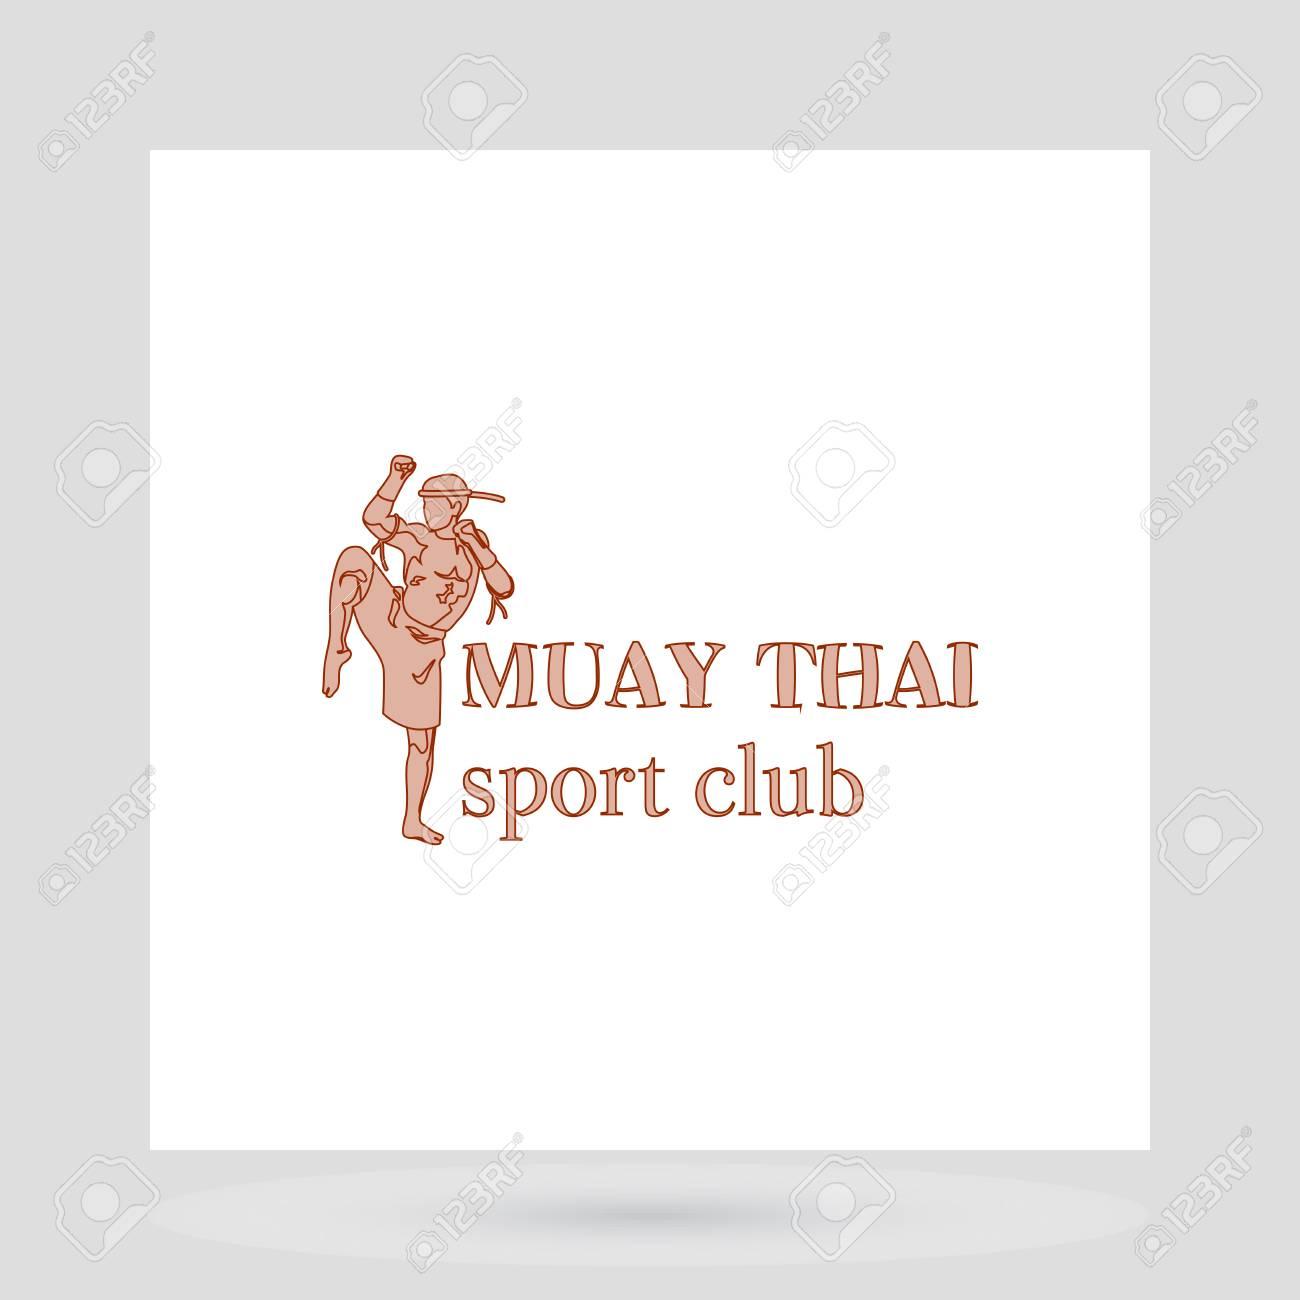 Muay Thai Fight Club Logo Design Presentation With Man Symbol